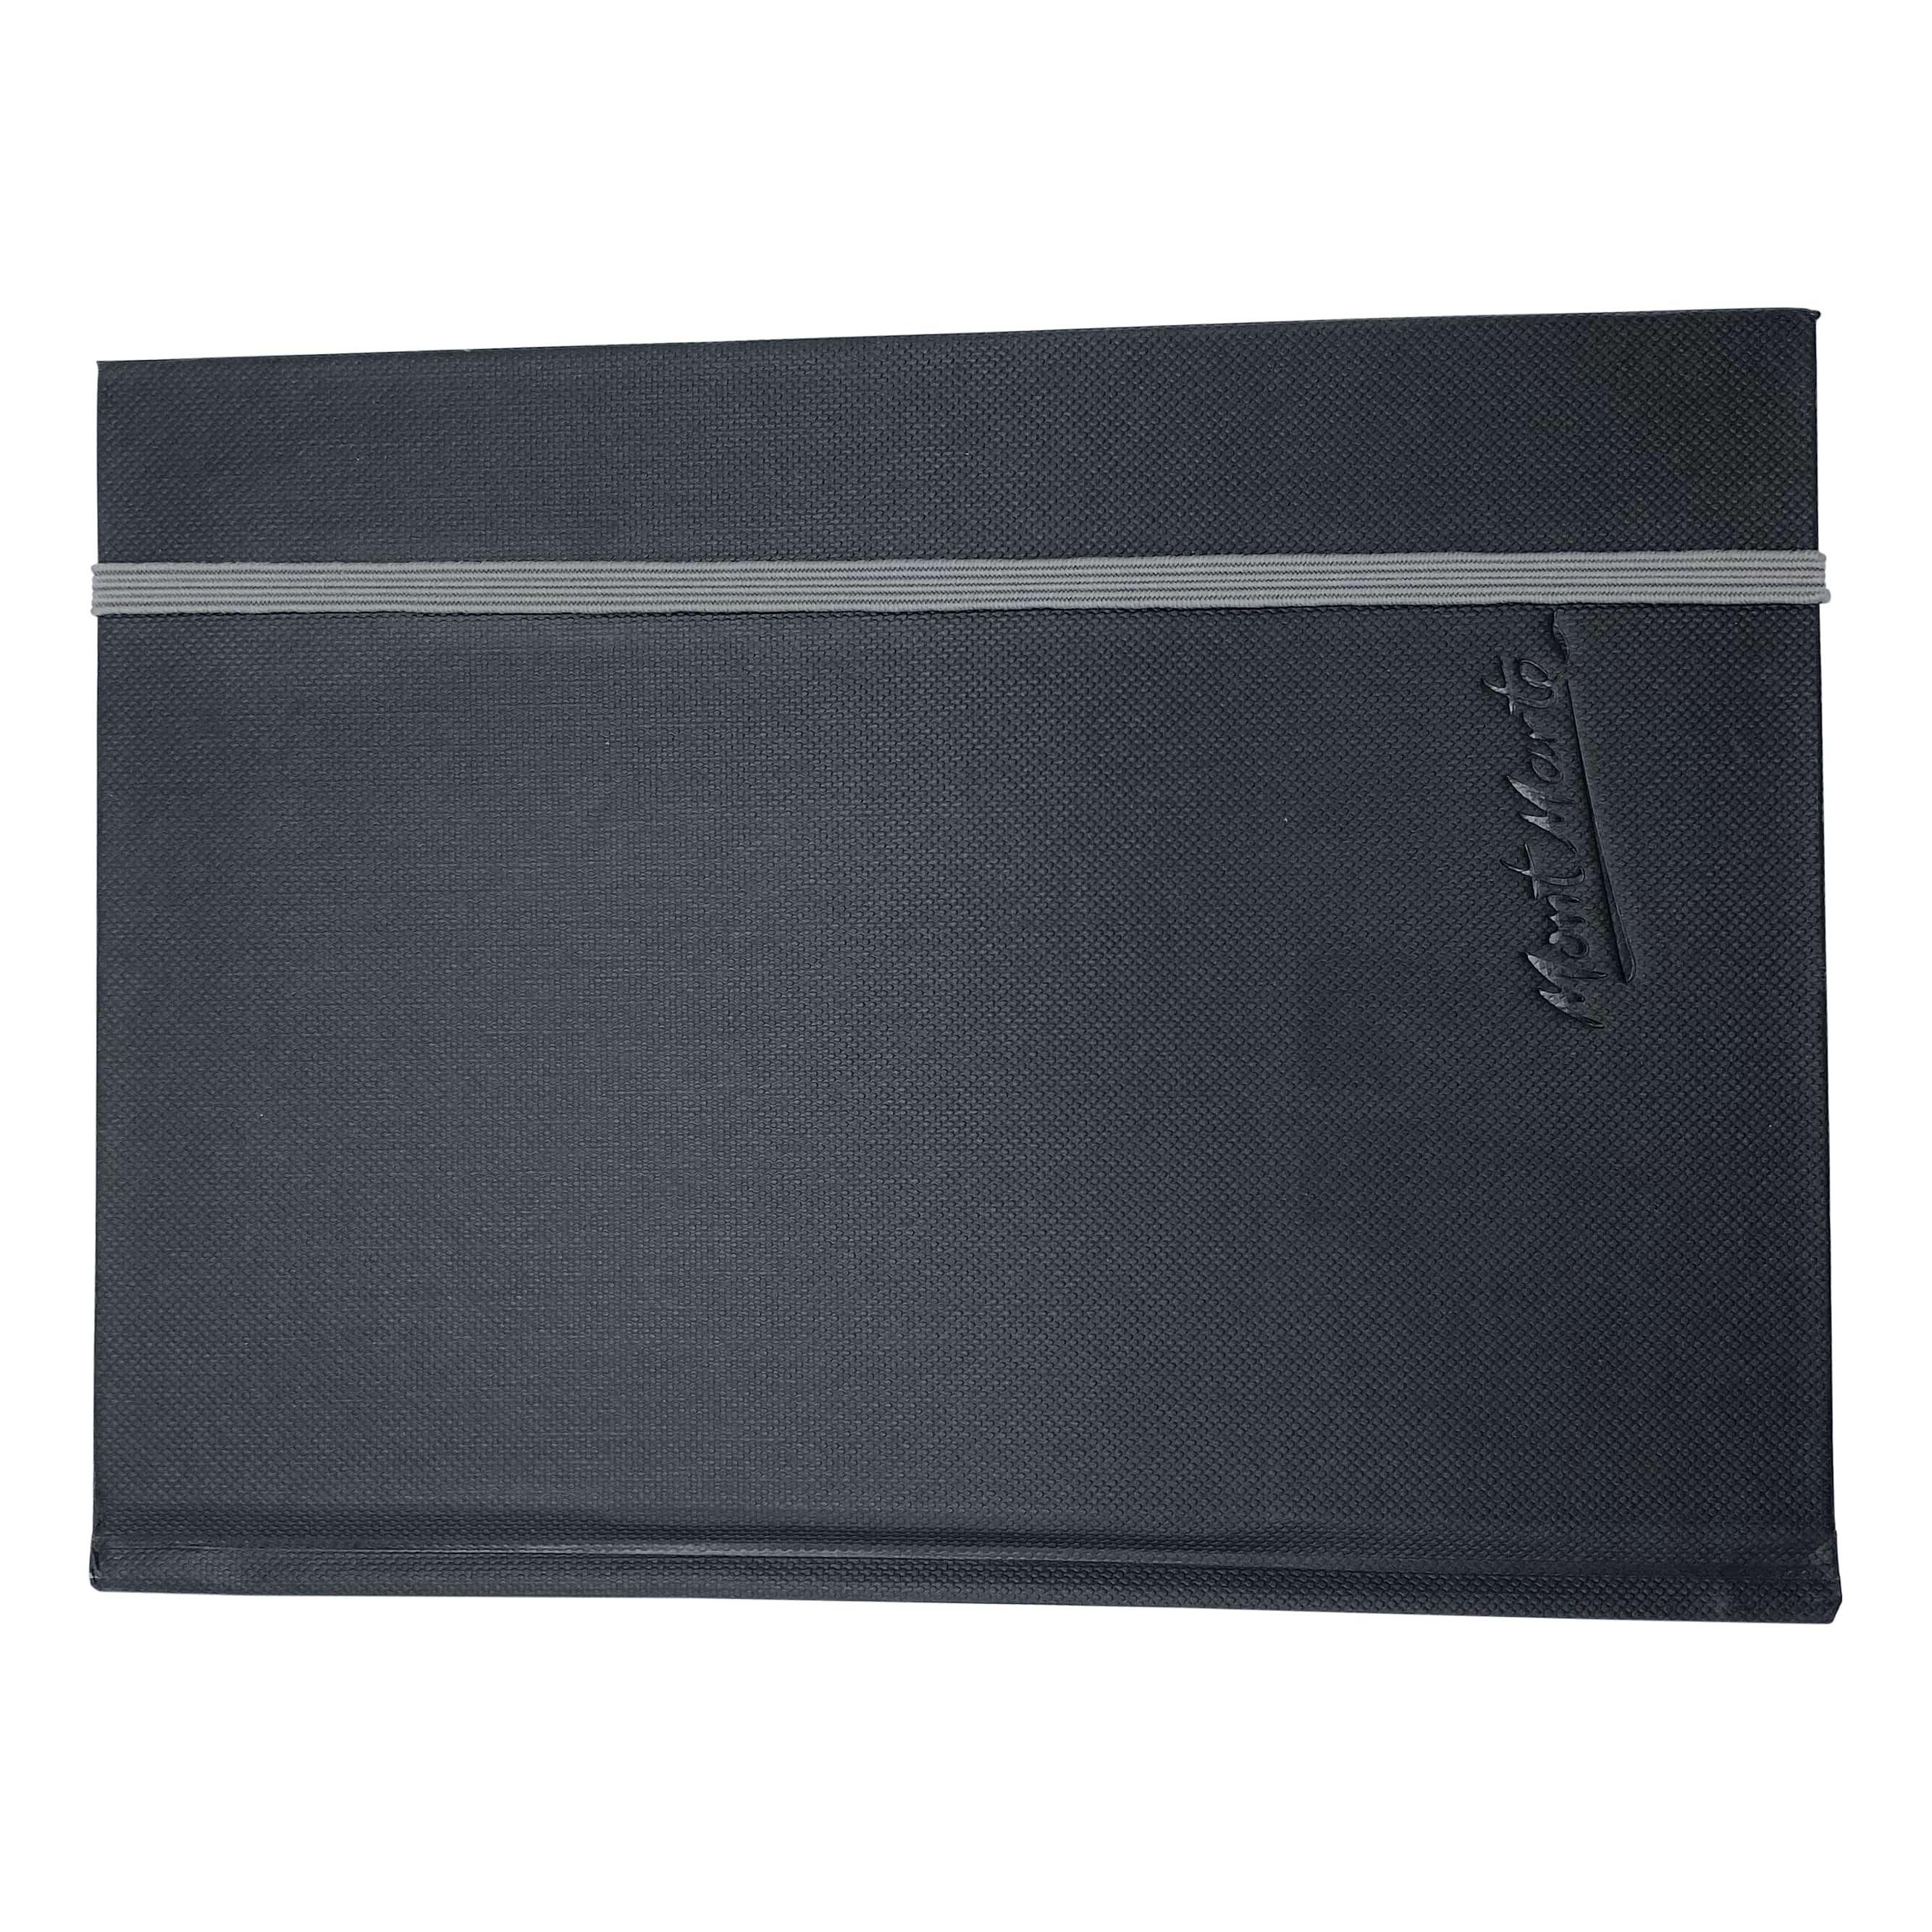 Mont Marte® Hardcover Schetsboek met blanco vellen 110gsm A5